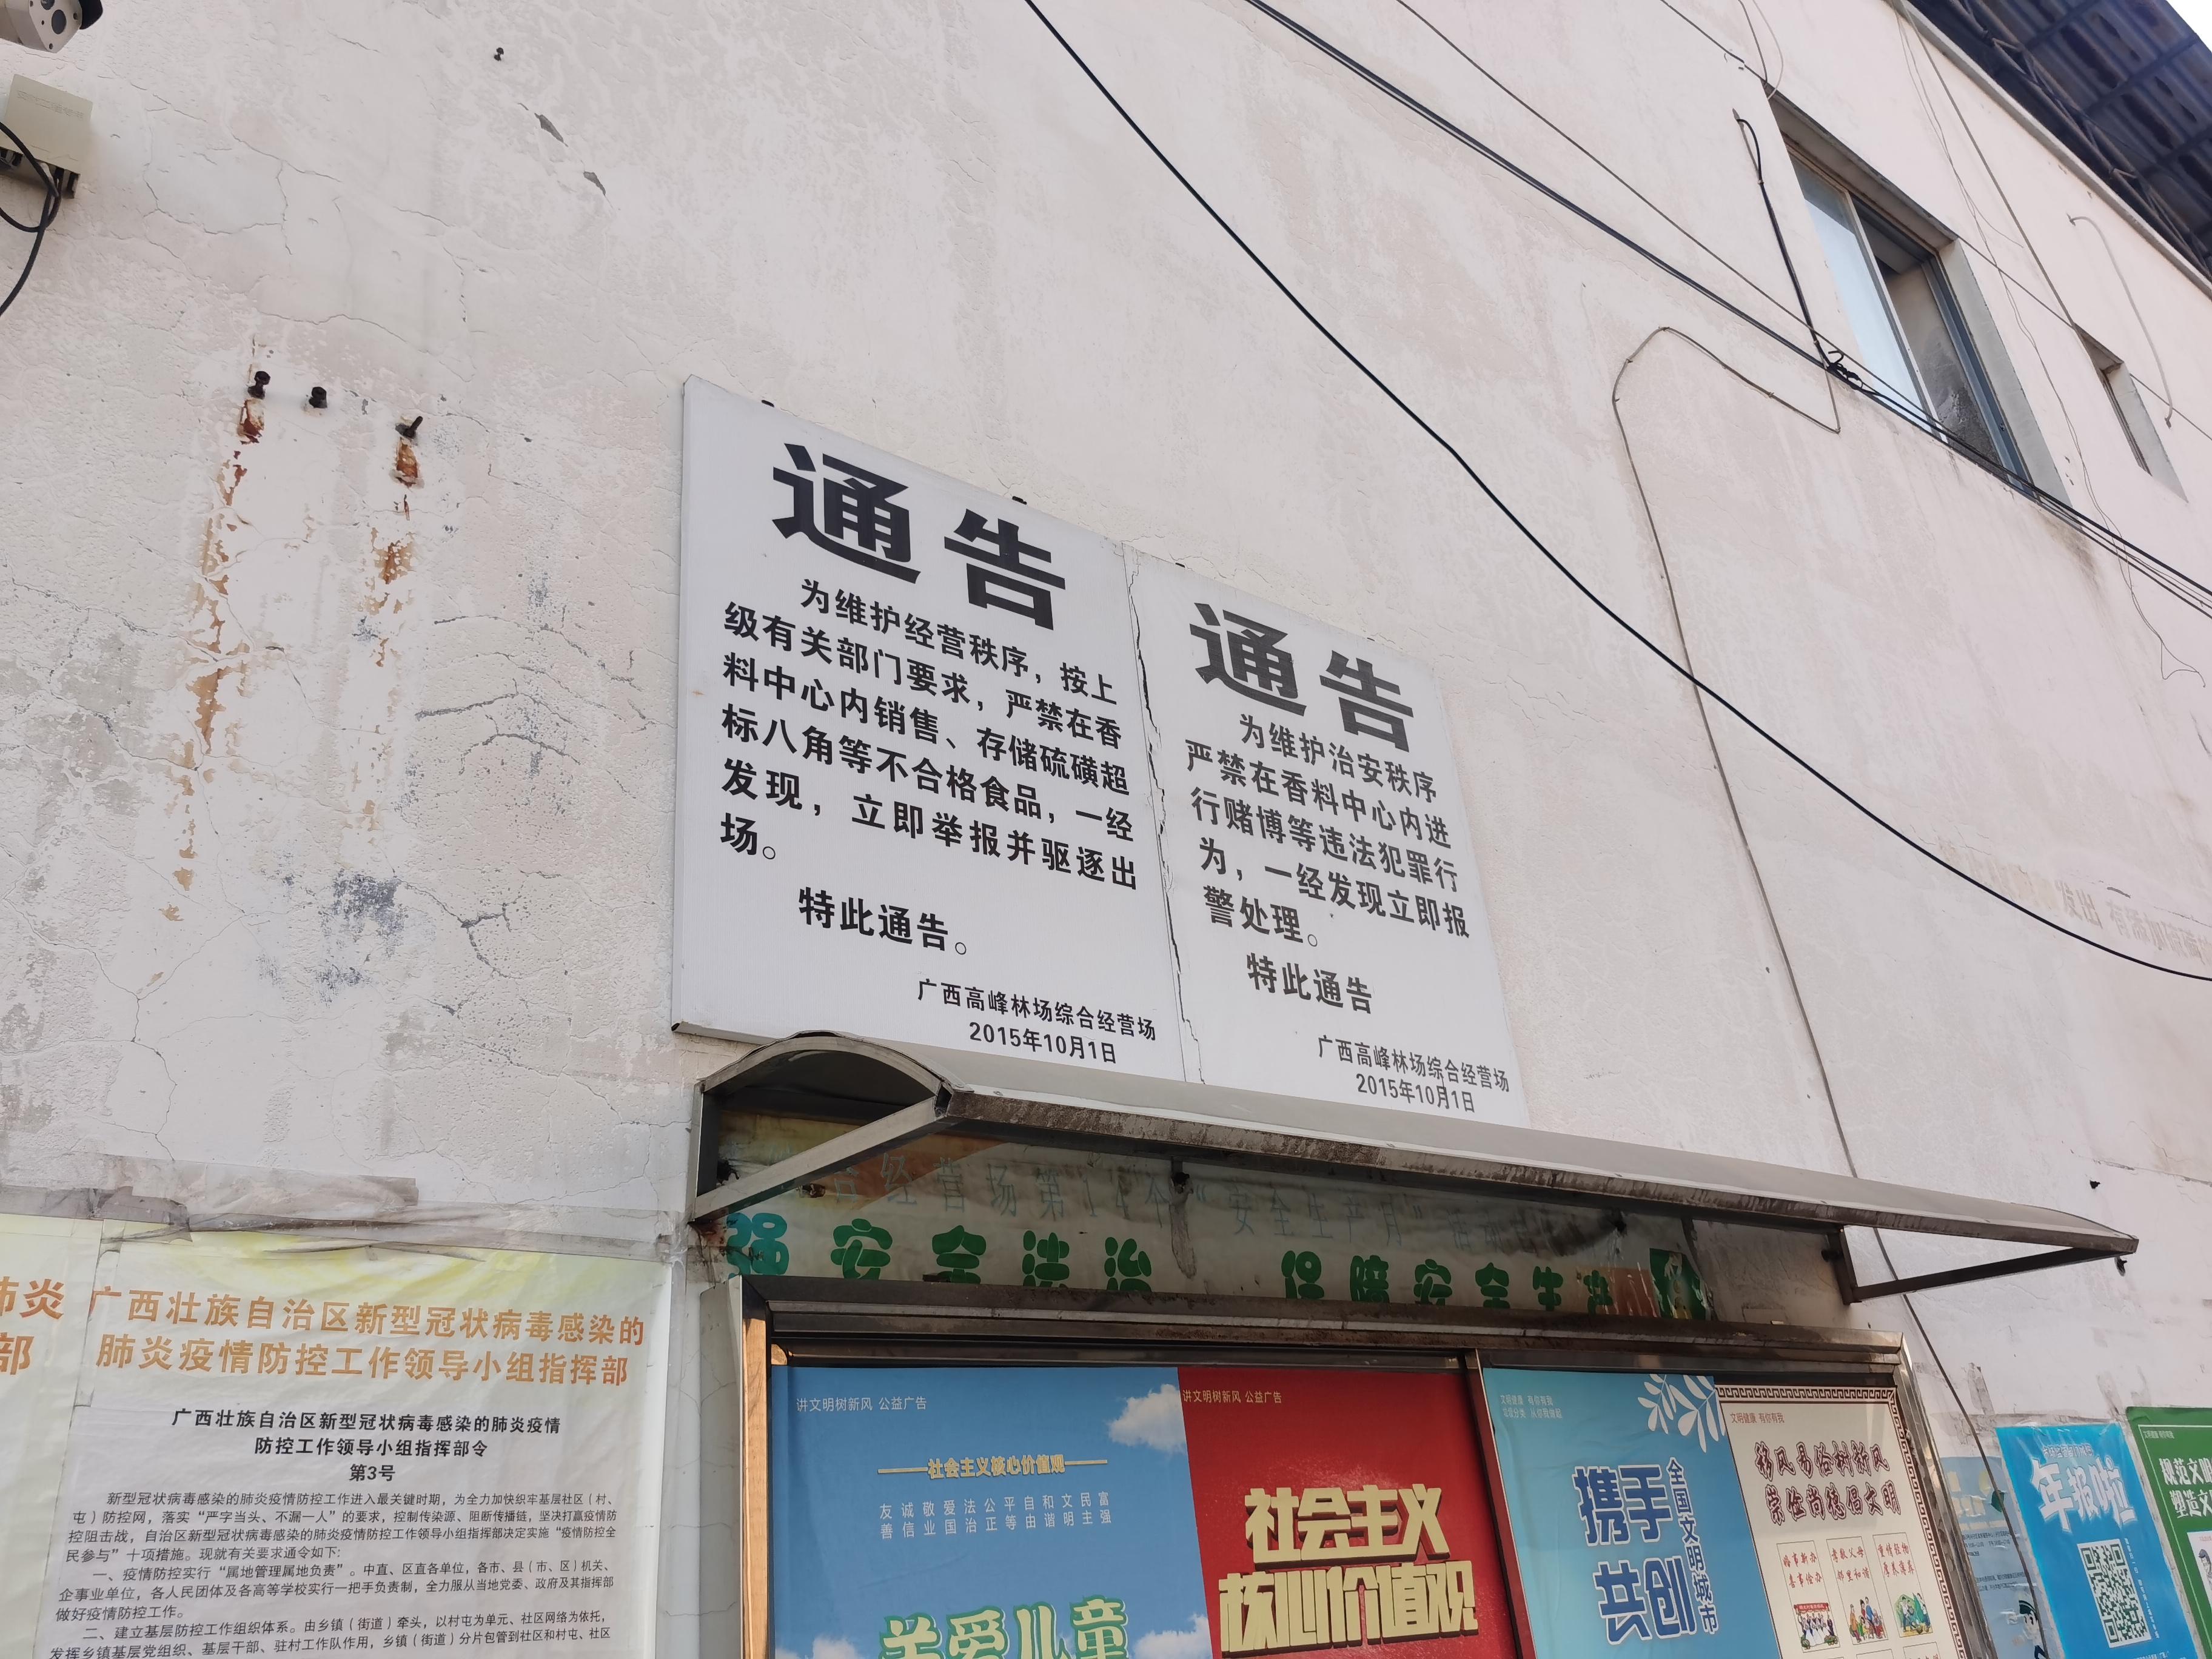 广西南宁市高峰天然香料物流中心内张贴着2015年10月1日发布的通告,通告明令禁止在香料中心内销售、存储硫磺超标八角等不合格食品,一经发现,立即举报并驱逐出场。新京报记者 王瑞文 摄